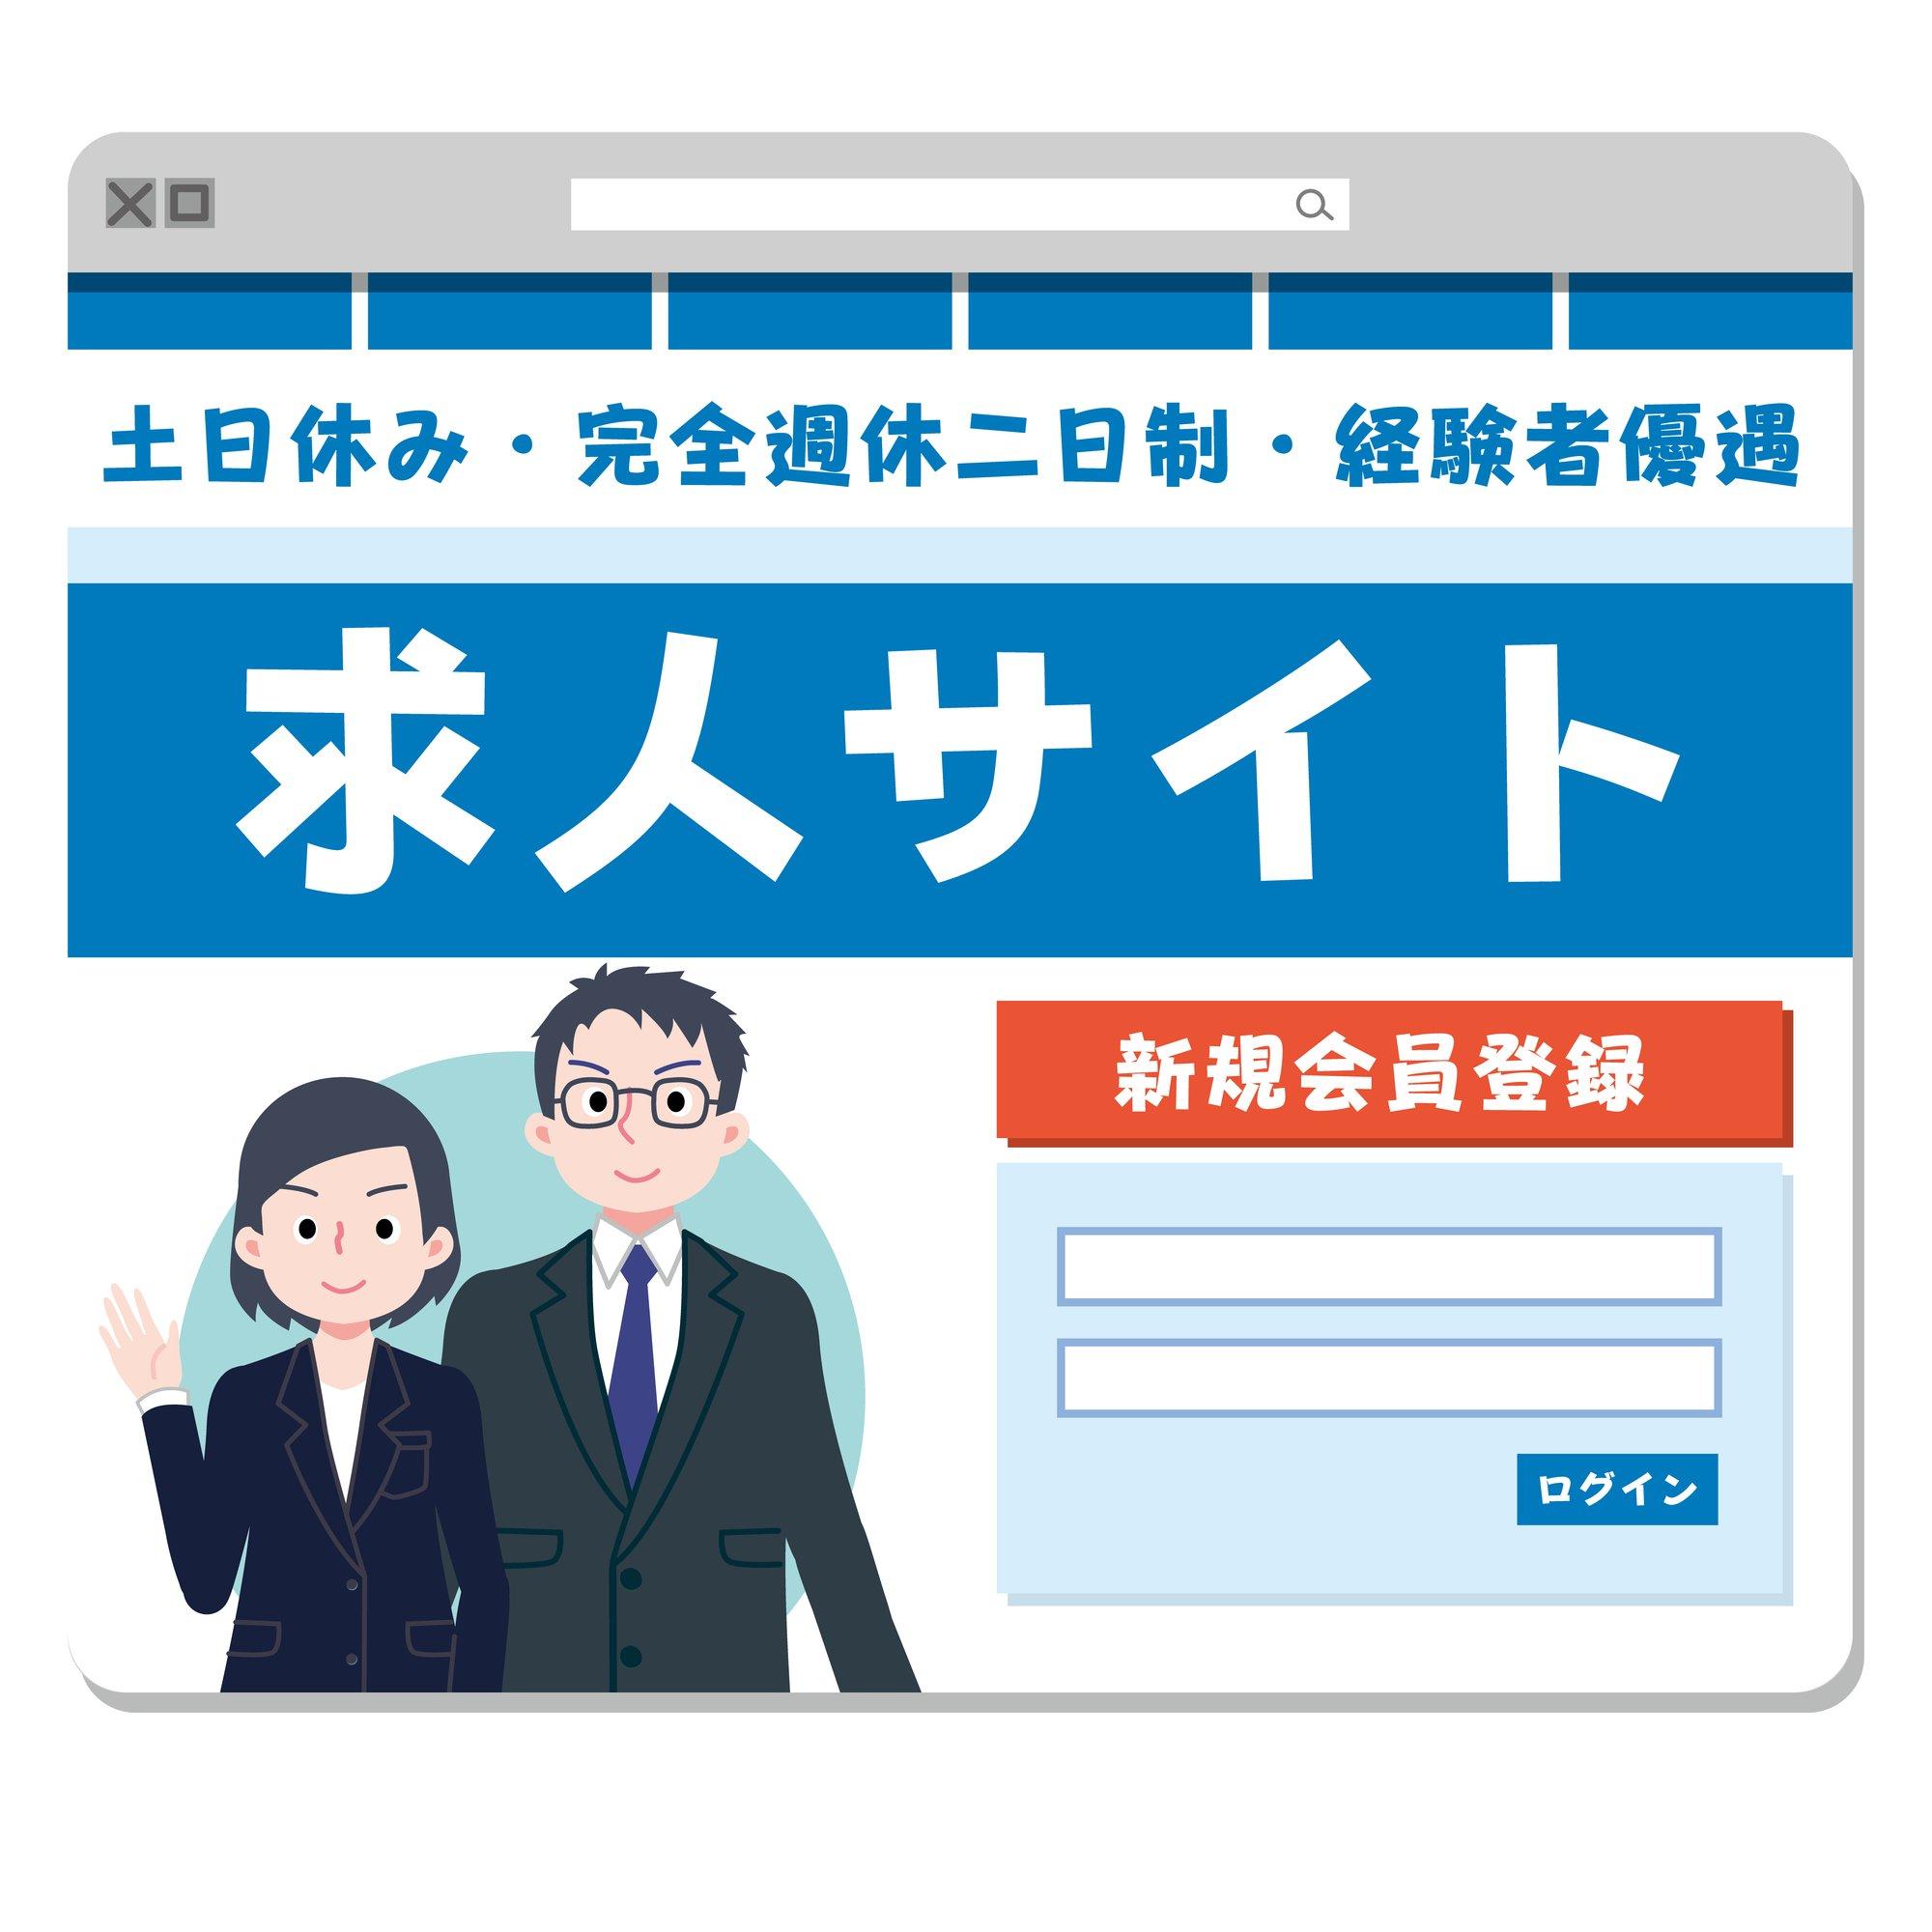 求人サイト画面のイラスト